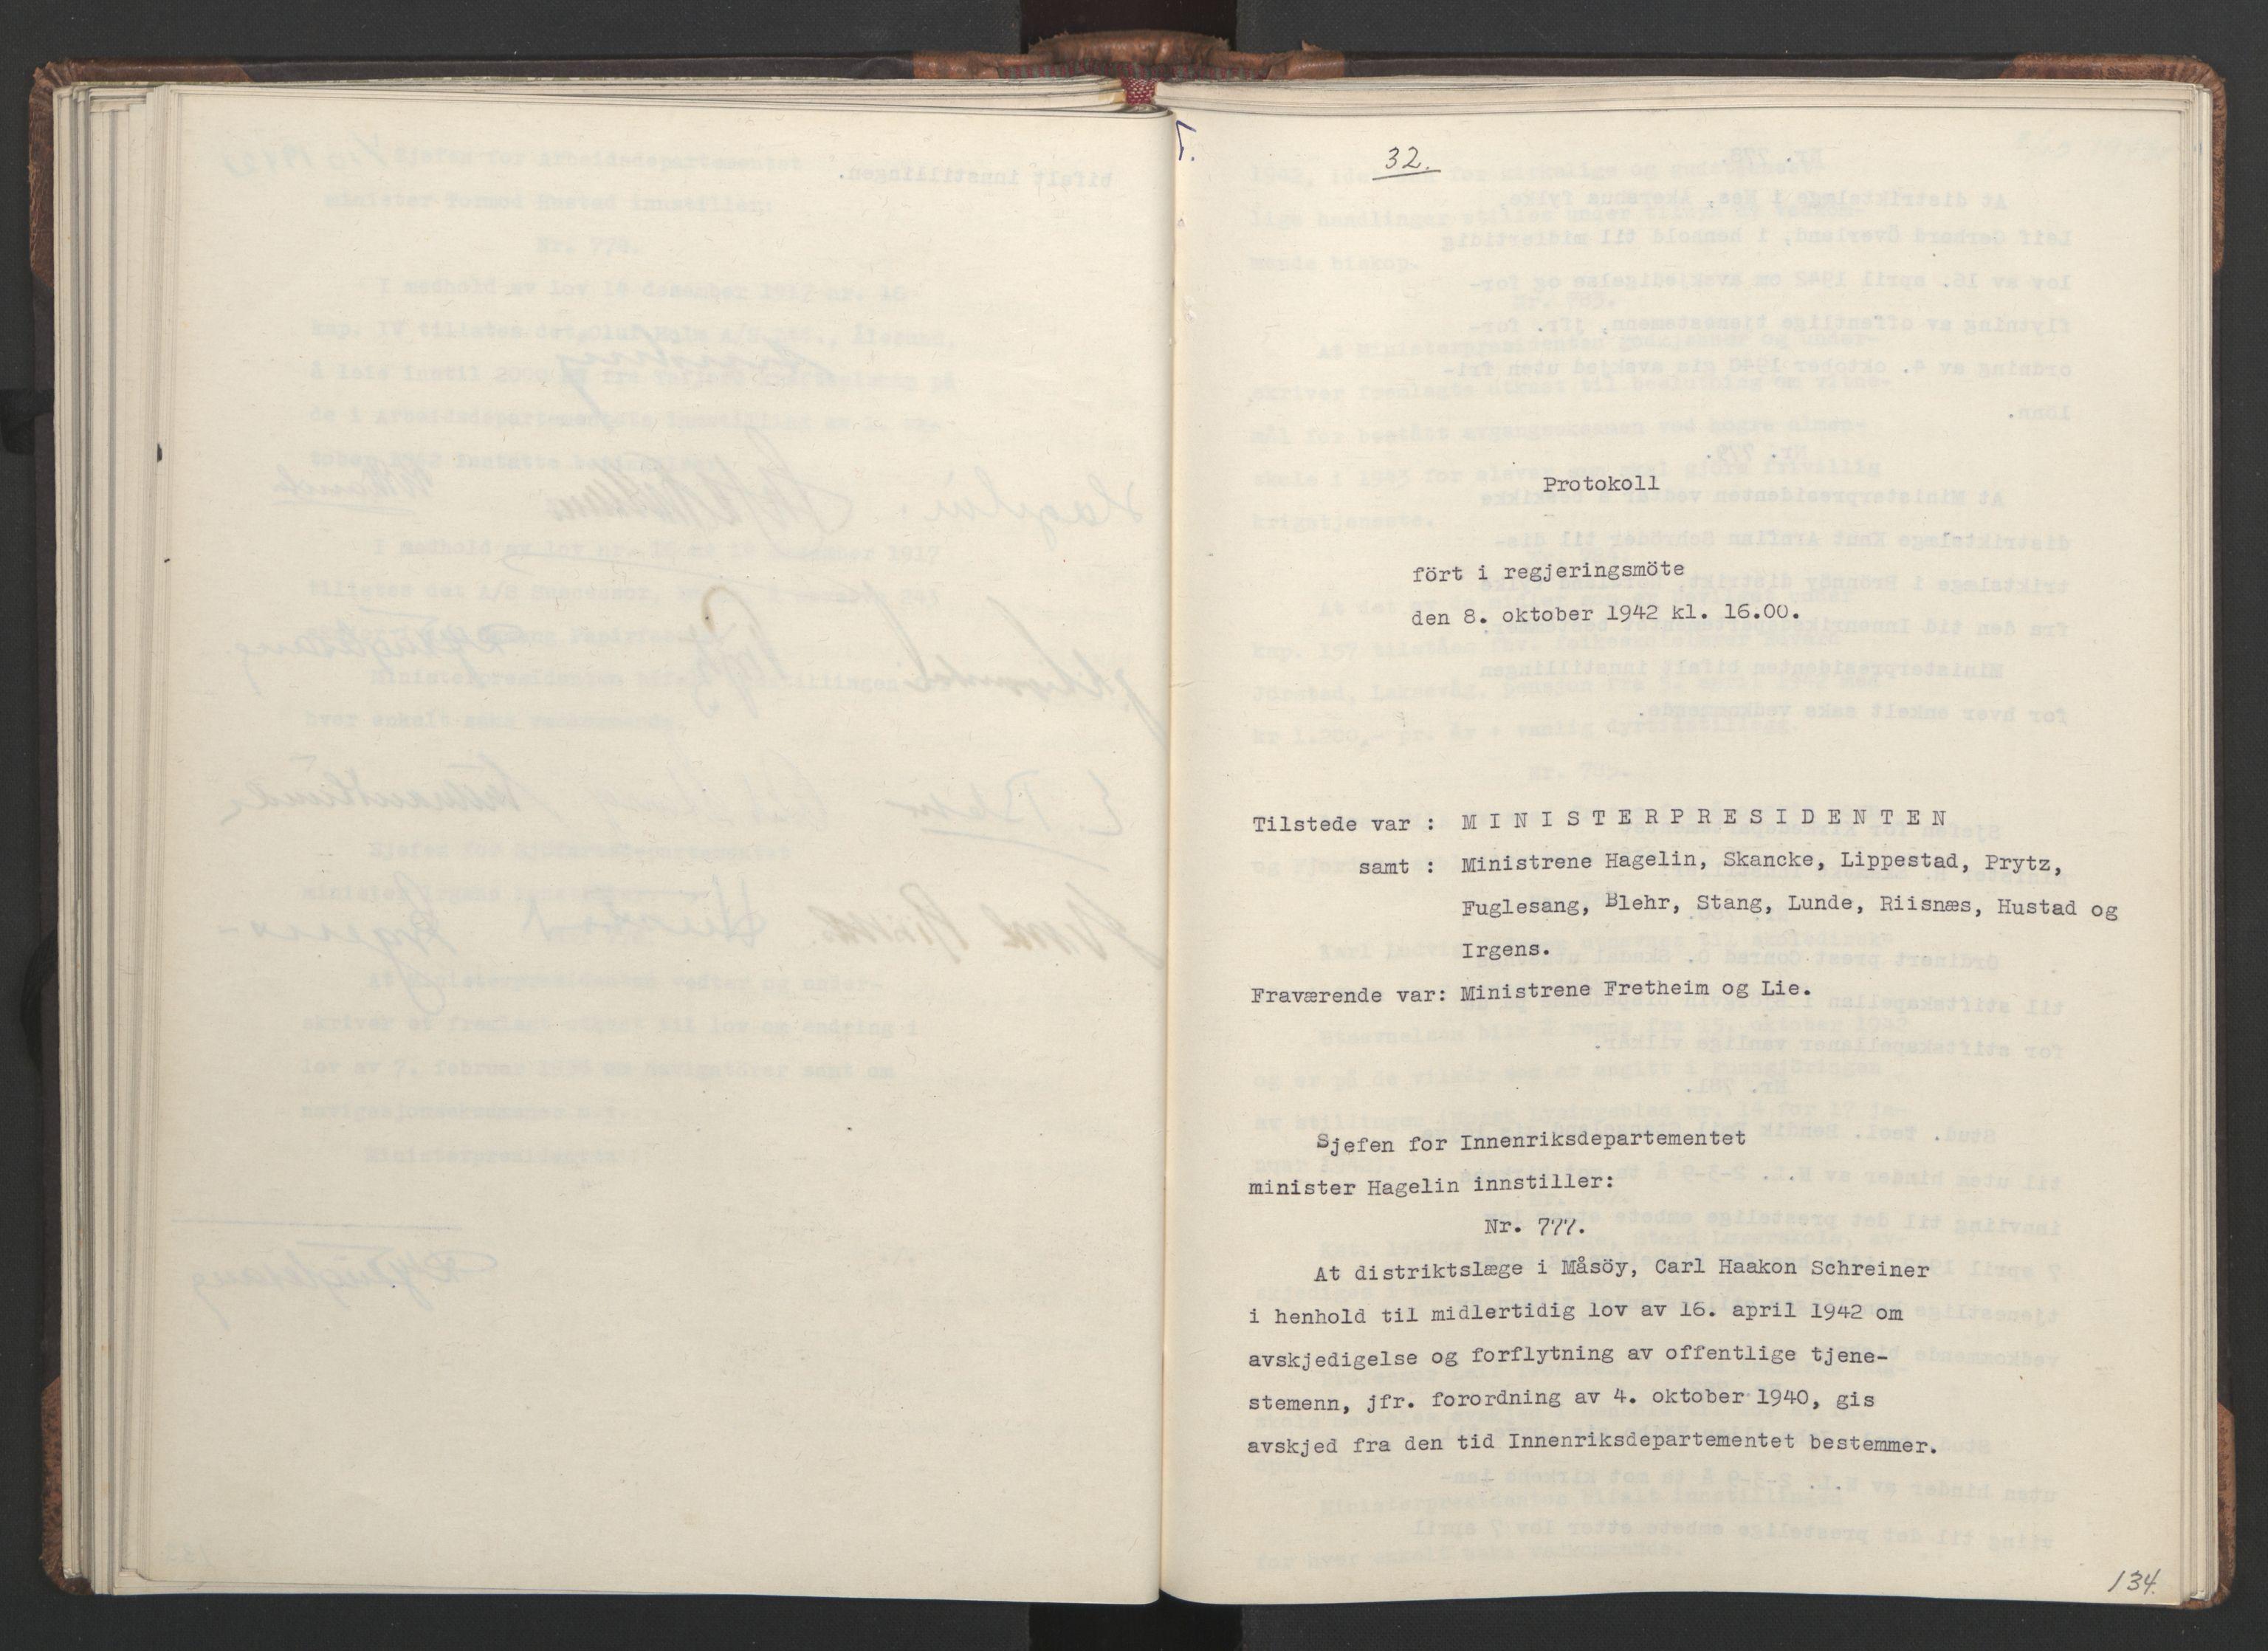 RA, NS-administrasjonen 1940-1945 (Statsrådsekretariatet, de kommisariske statsråder mm), D/Da/L0001: Beslutninger og tillegg (1-952 og 1-32), 1942, s. 133b-134a